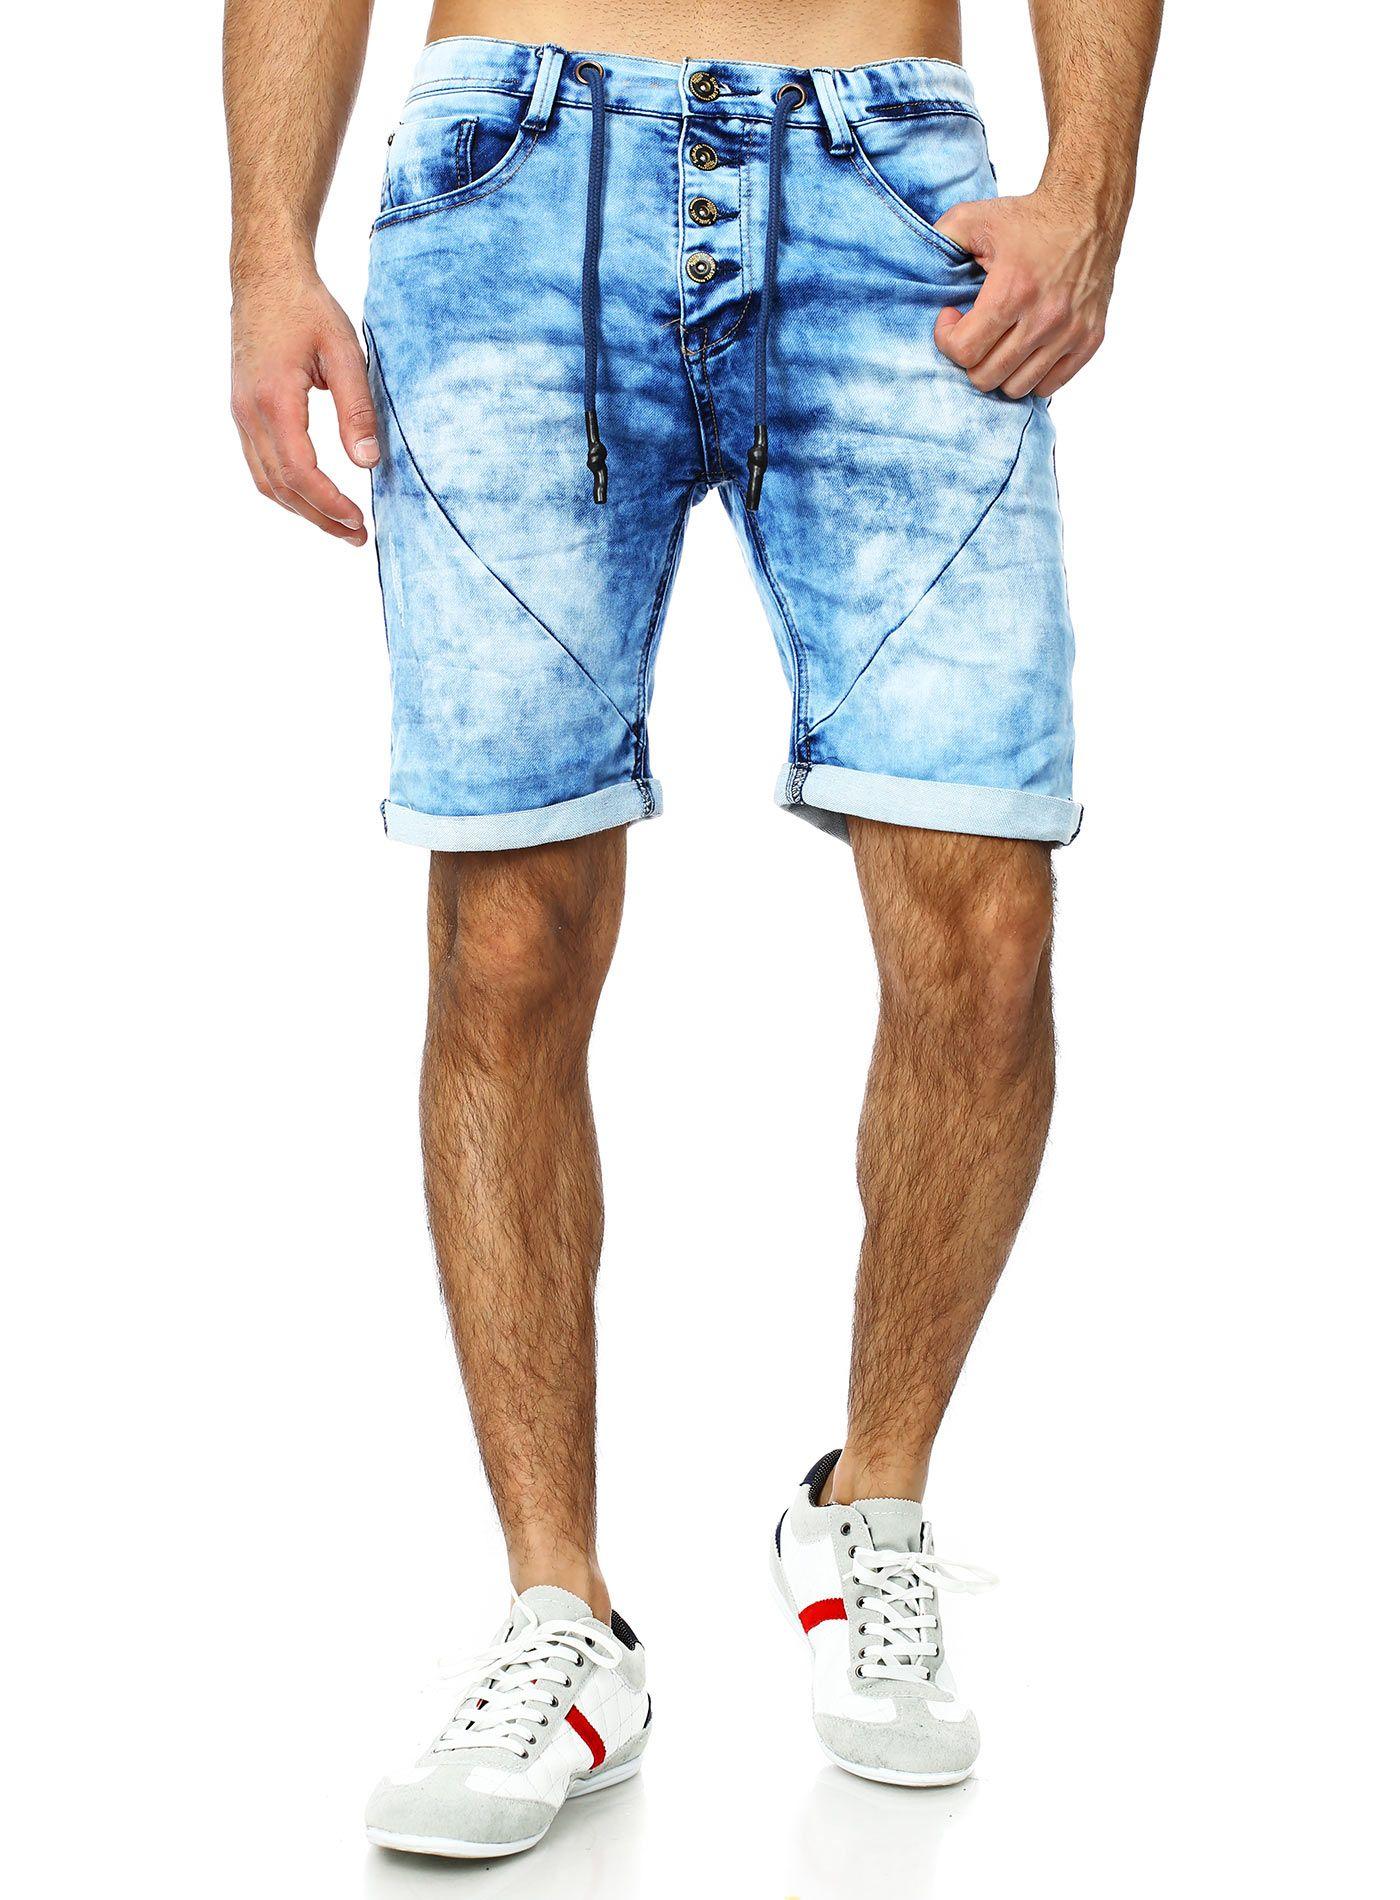 Vintage Denim Jogger Shorts in blue by Sublevel | jeans men summer ...